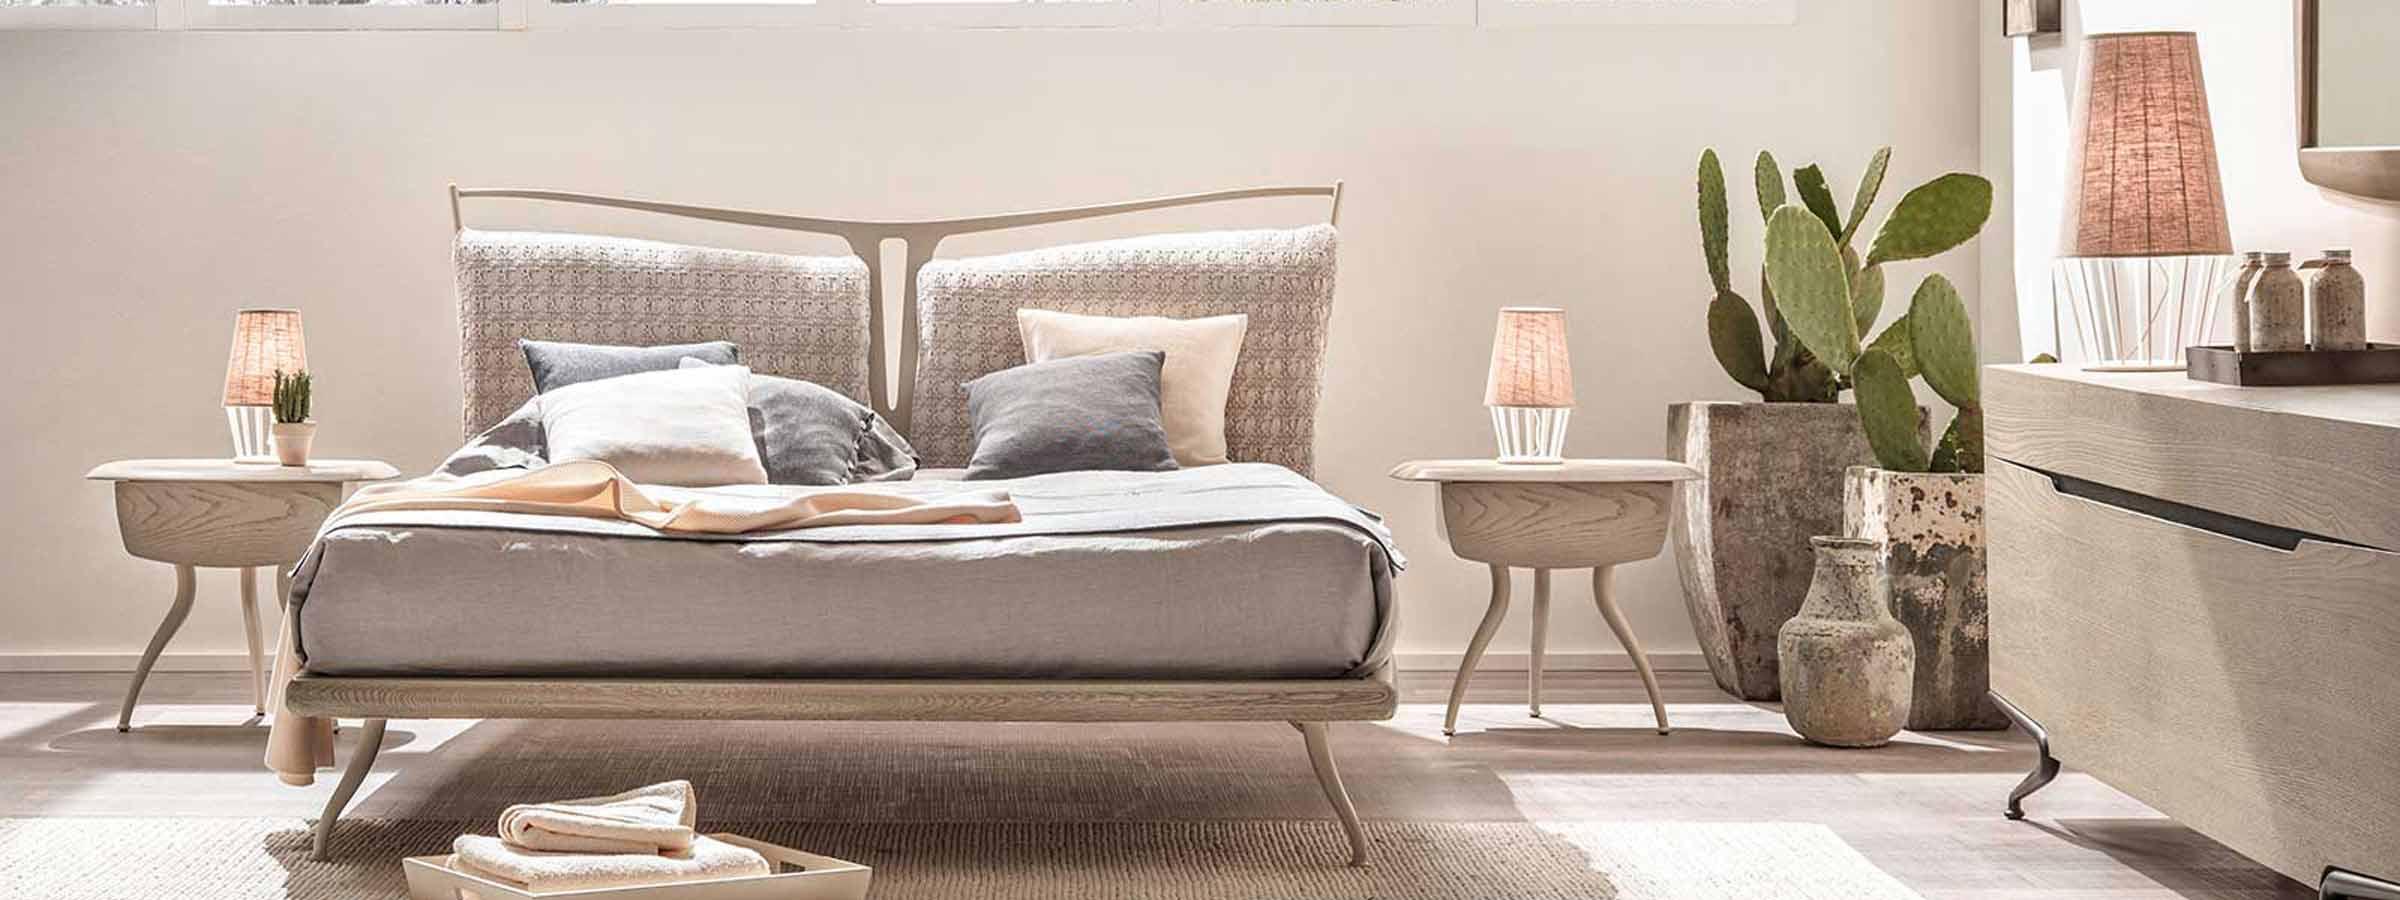 Vista di una camera da letto con letto matrimoniale, comodini in legno e cassettiera. Nell'angolo delle splendide piante grasse.